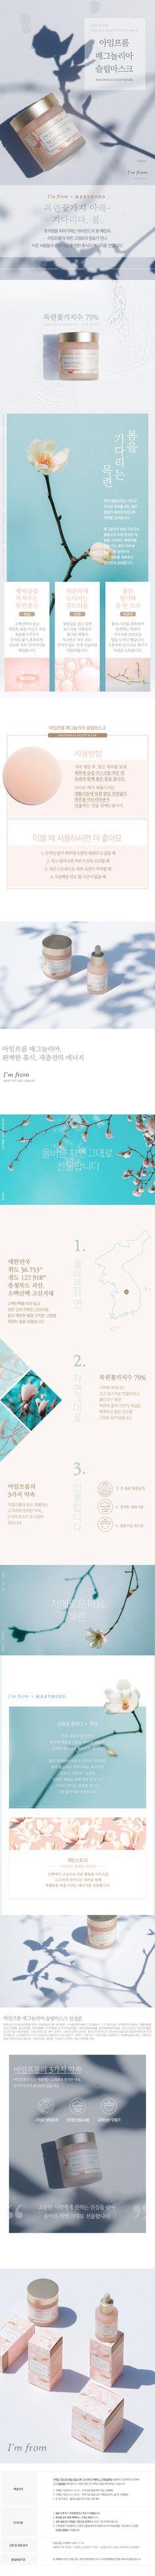 아임프롬 공식 온라인몰 Web Layout, Layout Design, Korean Beauty Shop, Cosmetic Design, Promotional Design, Event Page, Portfolio Layout, Landing Page Design, Web Design Inspiration